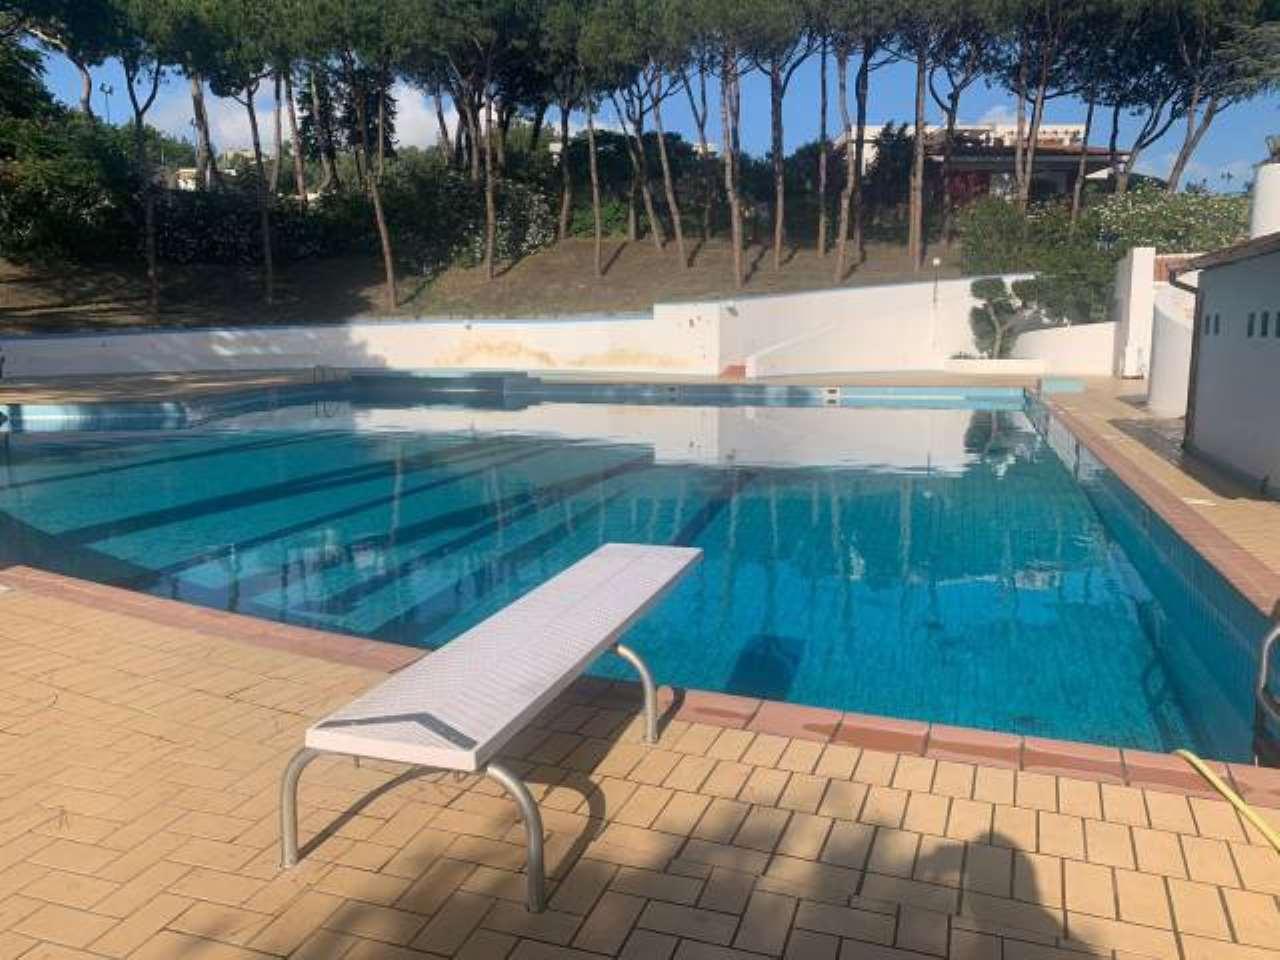 Villa in affitto a Pozzuoli, 6 locali, prezzo € 3.000 | CambioCasa.it